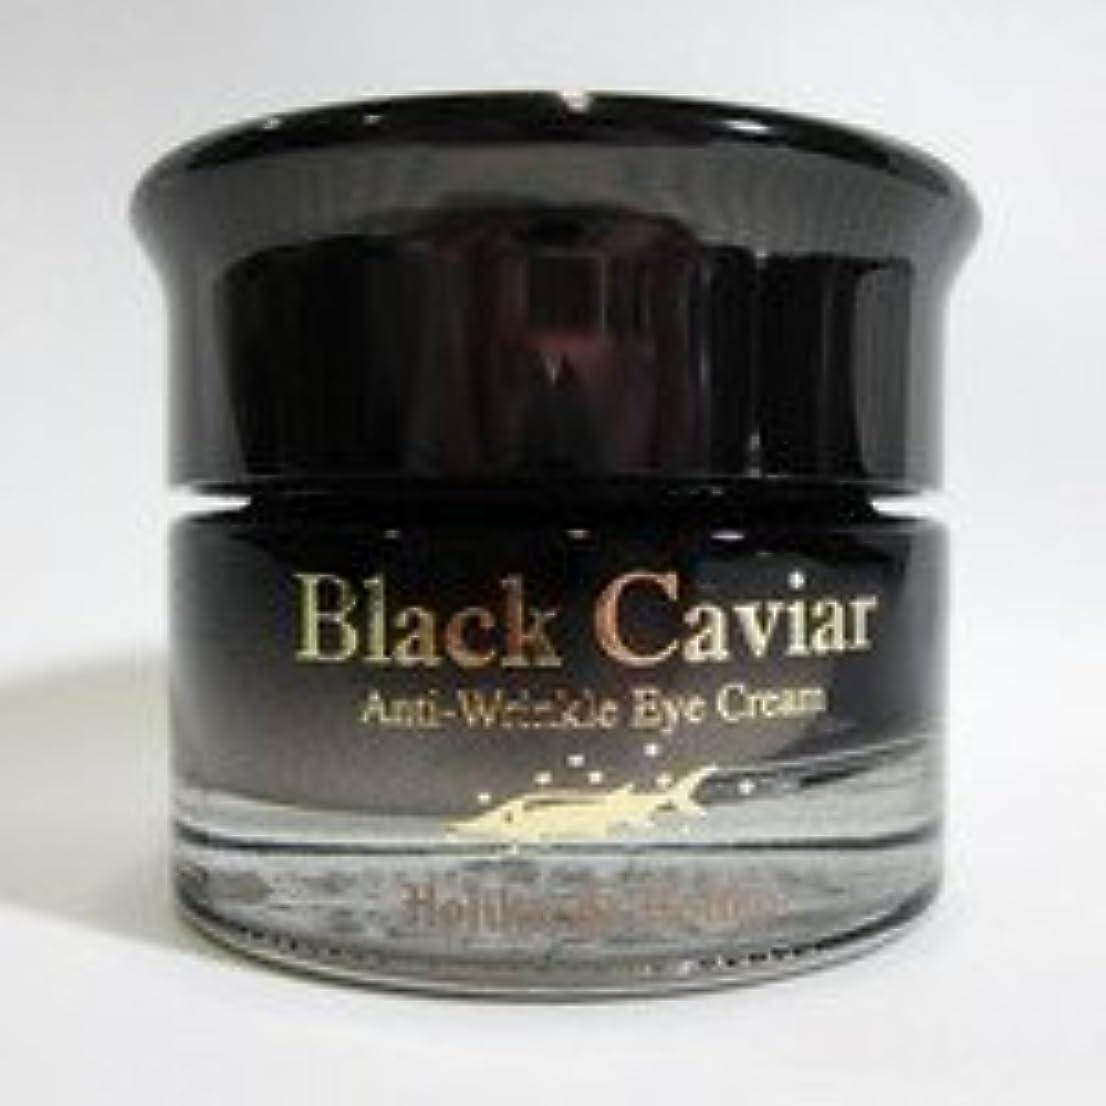 間違えた心臓生産的Holika Holika ホリカホリカ ブラックキャビア アンチリンクル クリーム Black Caviar Anti-Wrinkle Cream